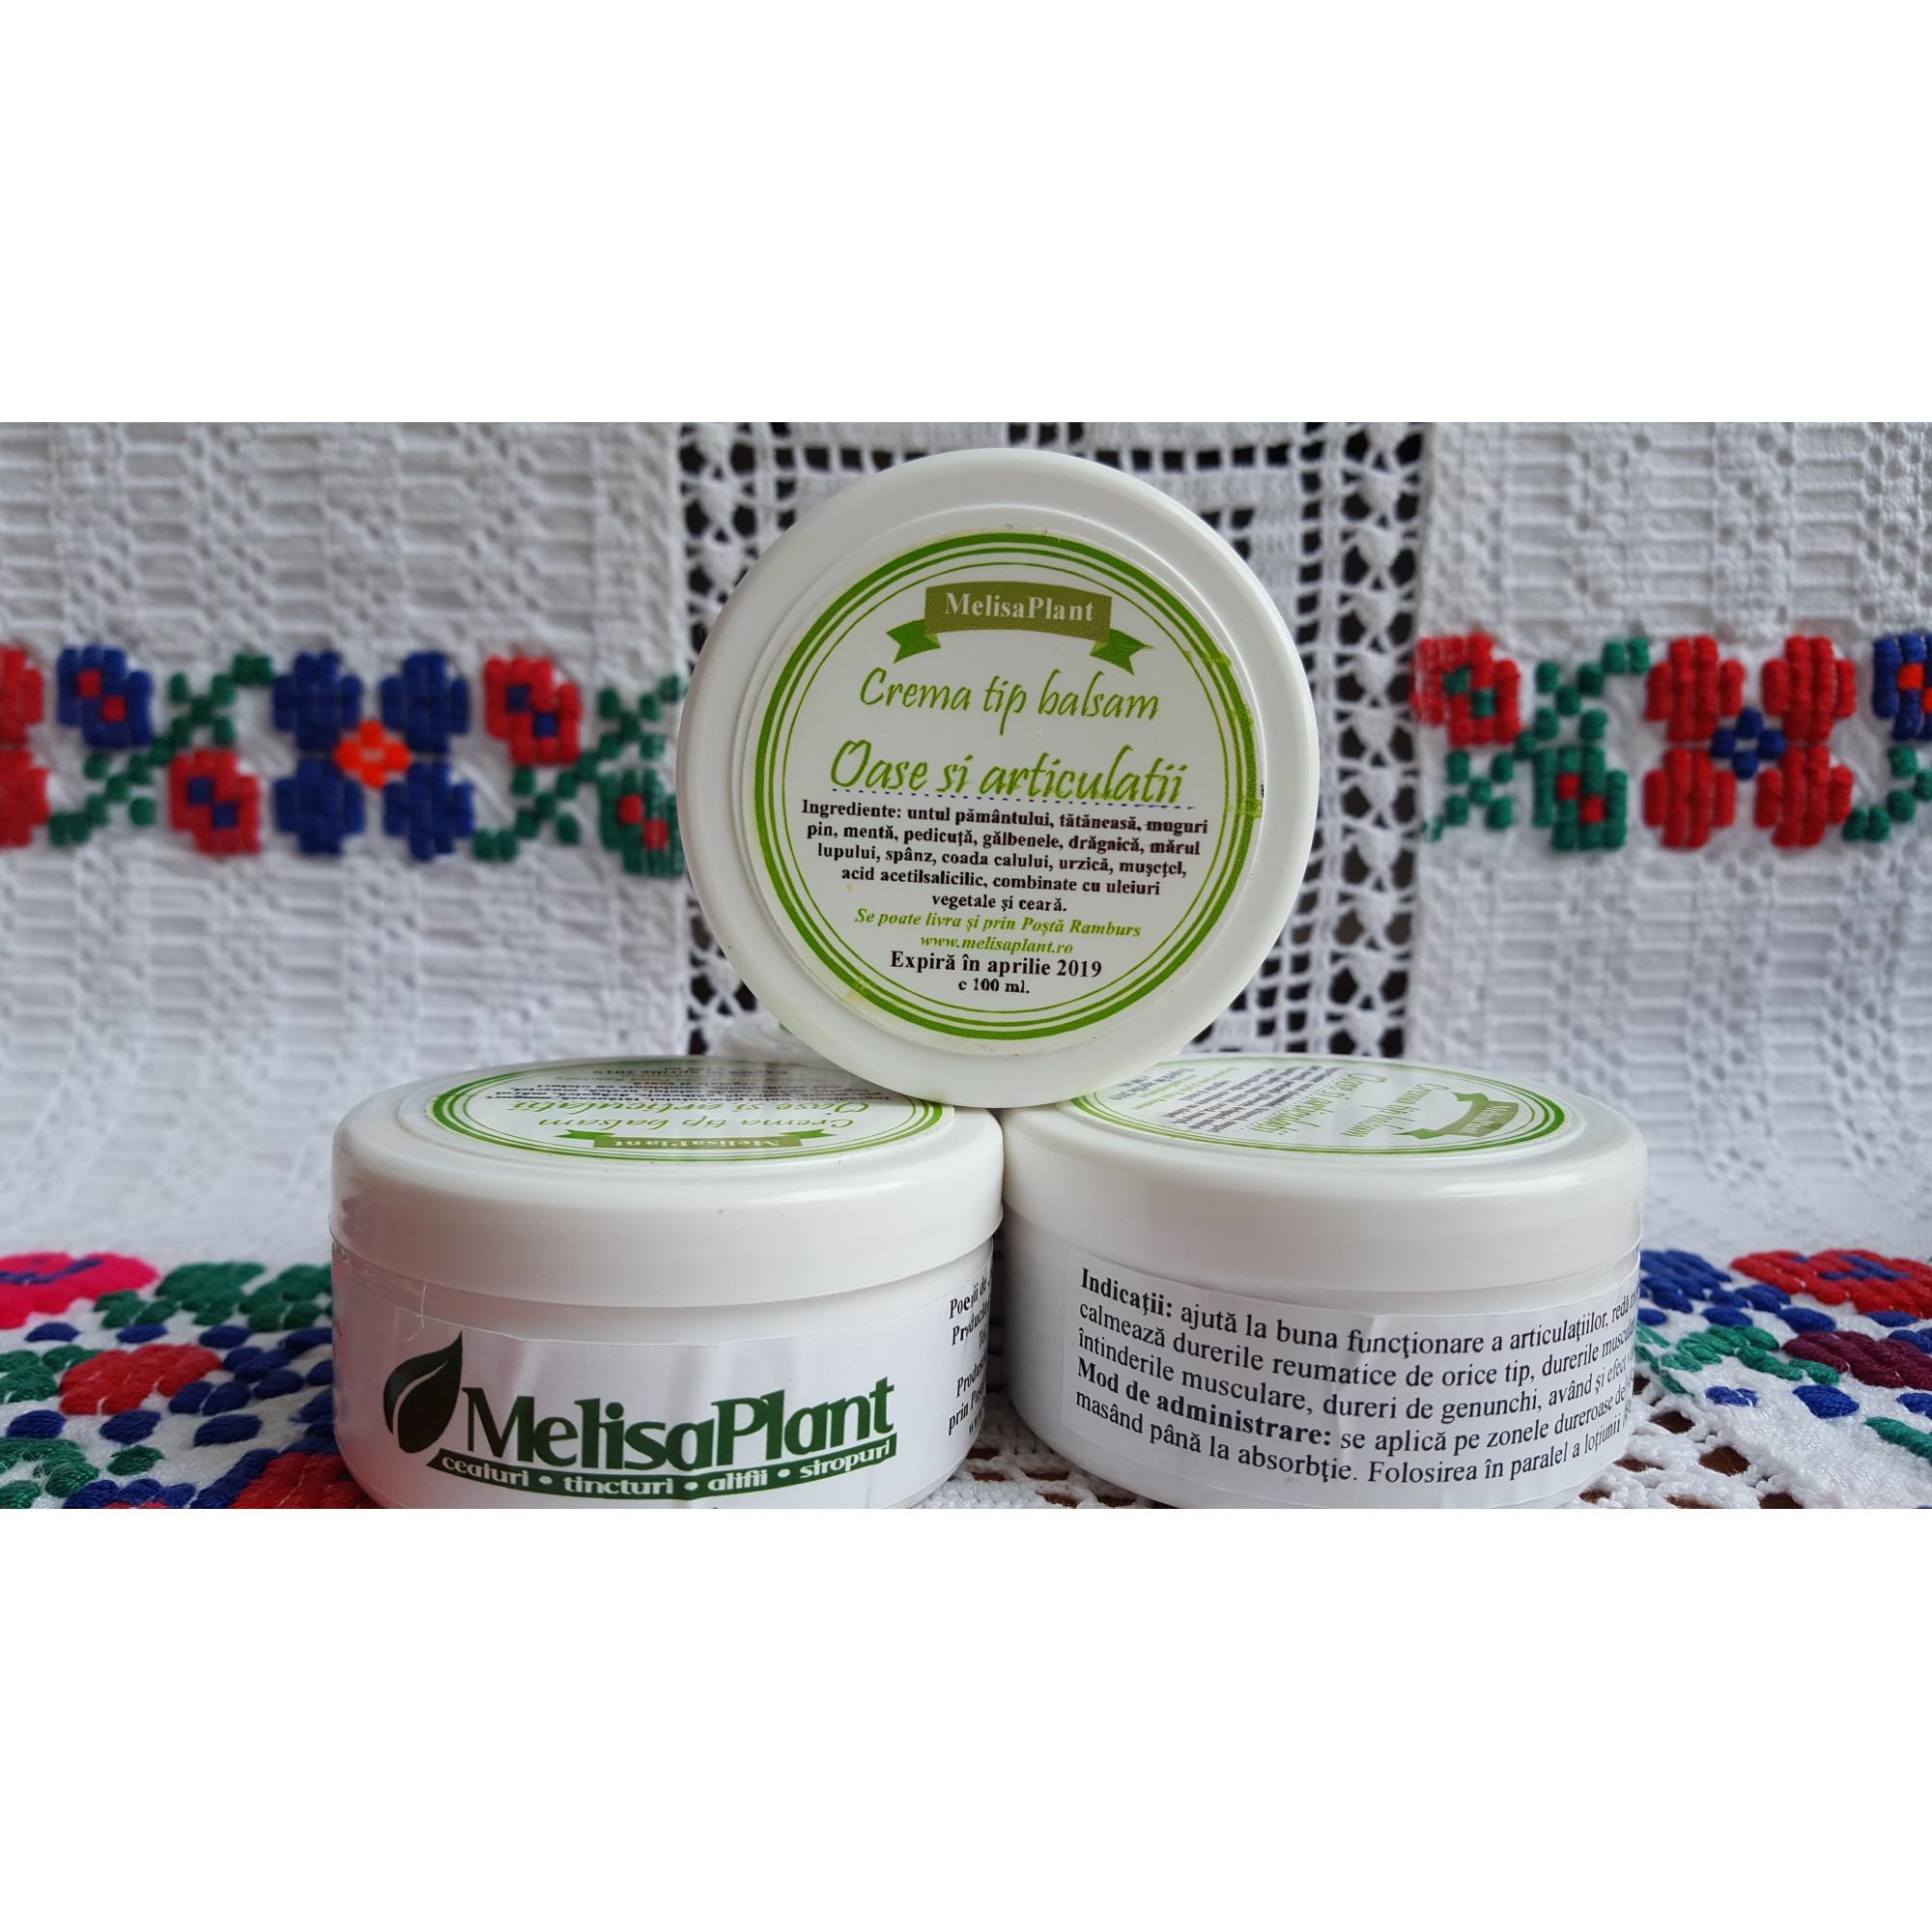 Crema de crema pentru articulatii - Manșetă - Cremă articulară zoovip